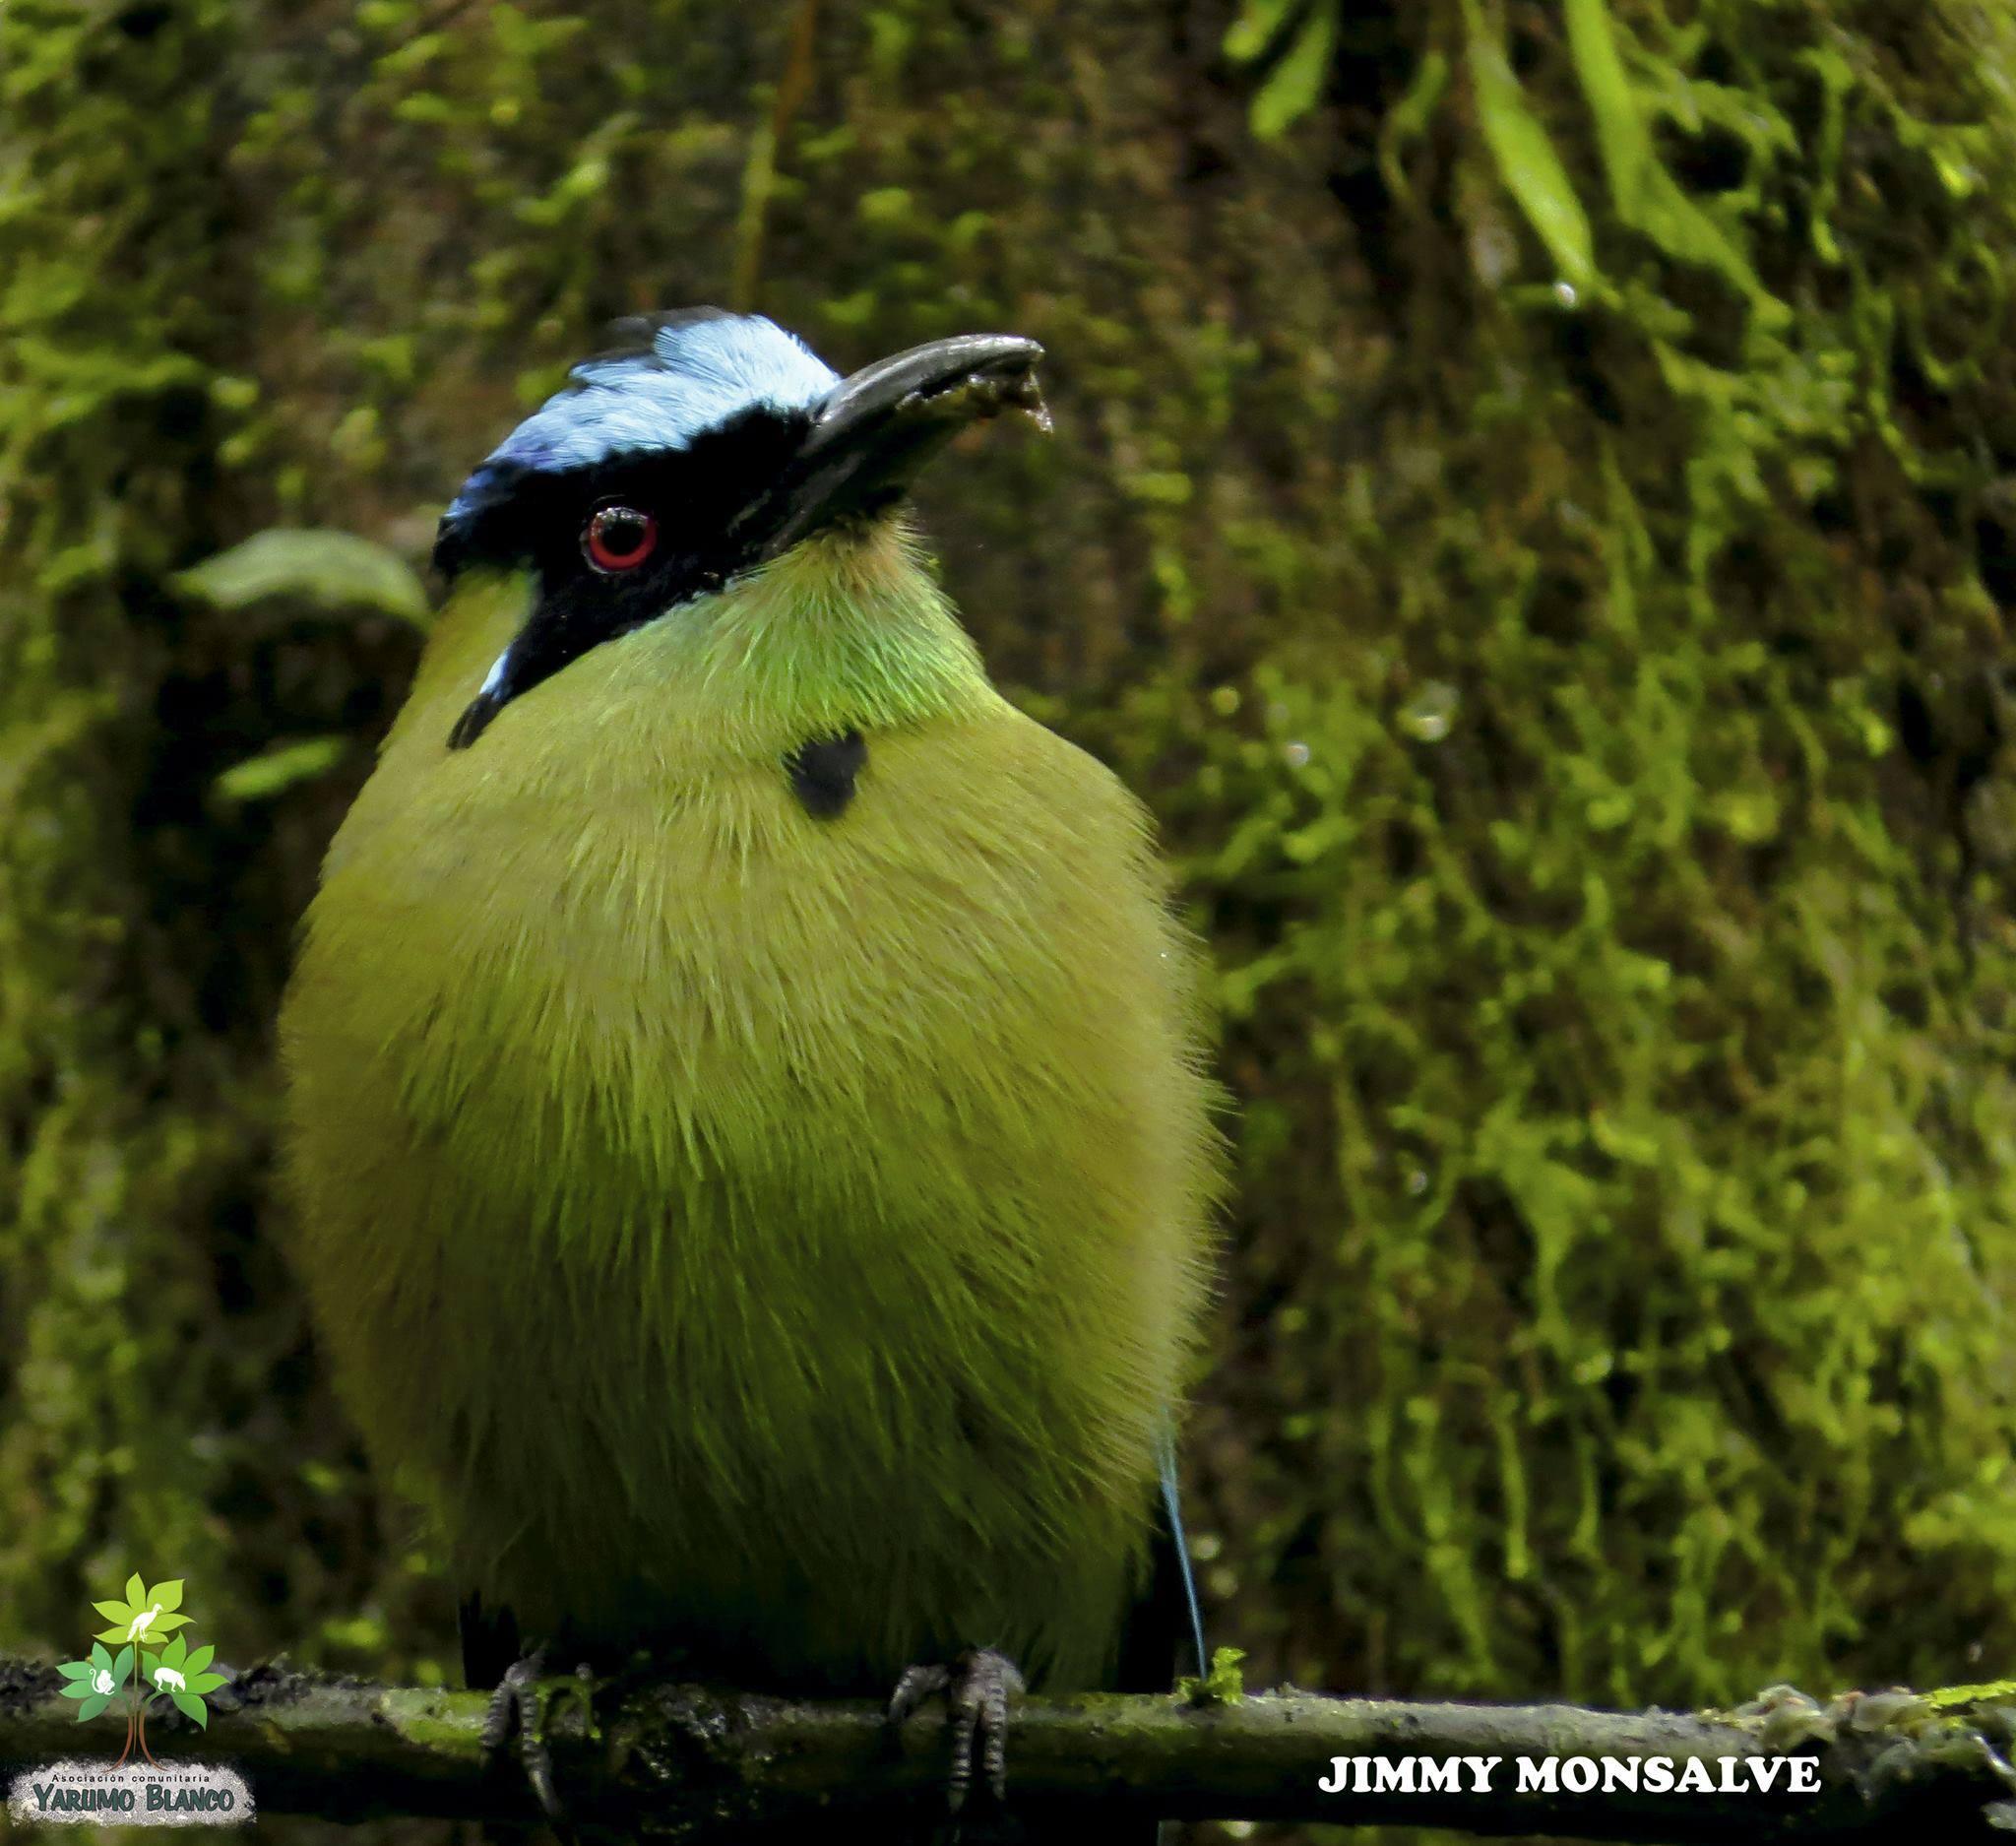 El Santuario de Fauna y Flora Otún Quimbaya es uno de los mejores sitios para observar Aves en Pereira. Foto: cortesía Yarumo Blanco.